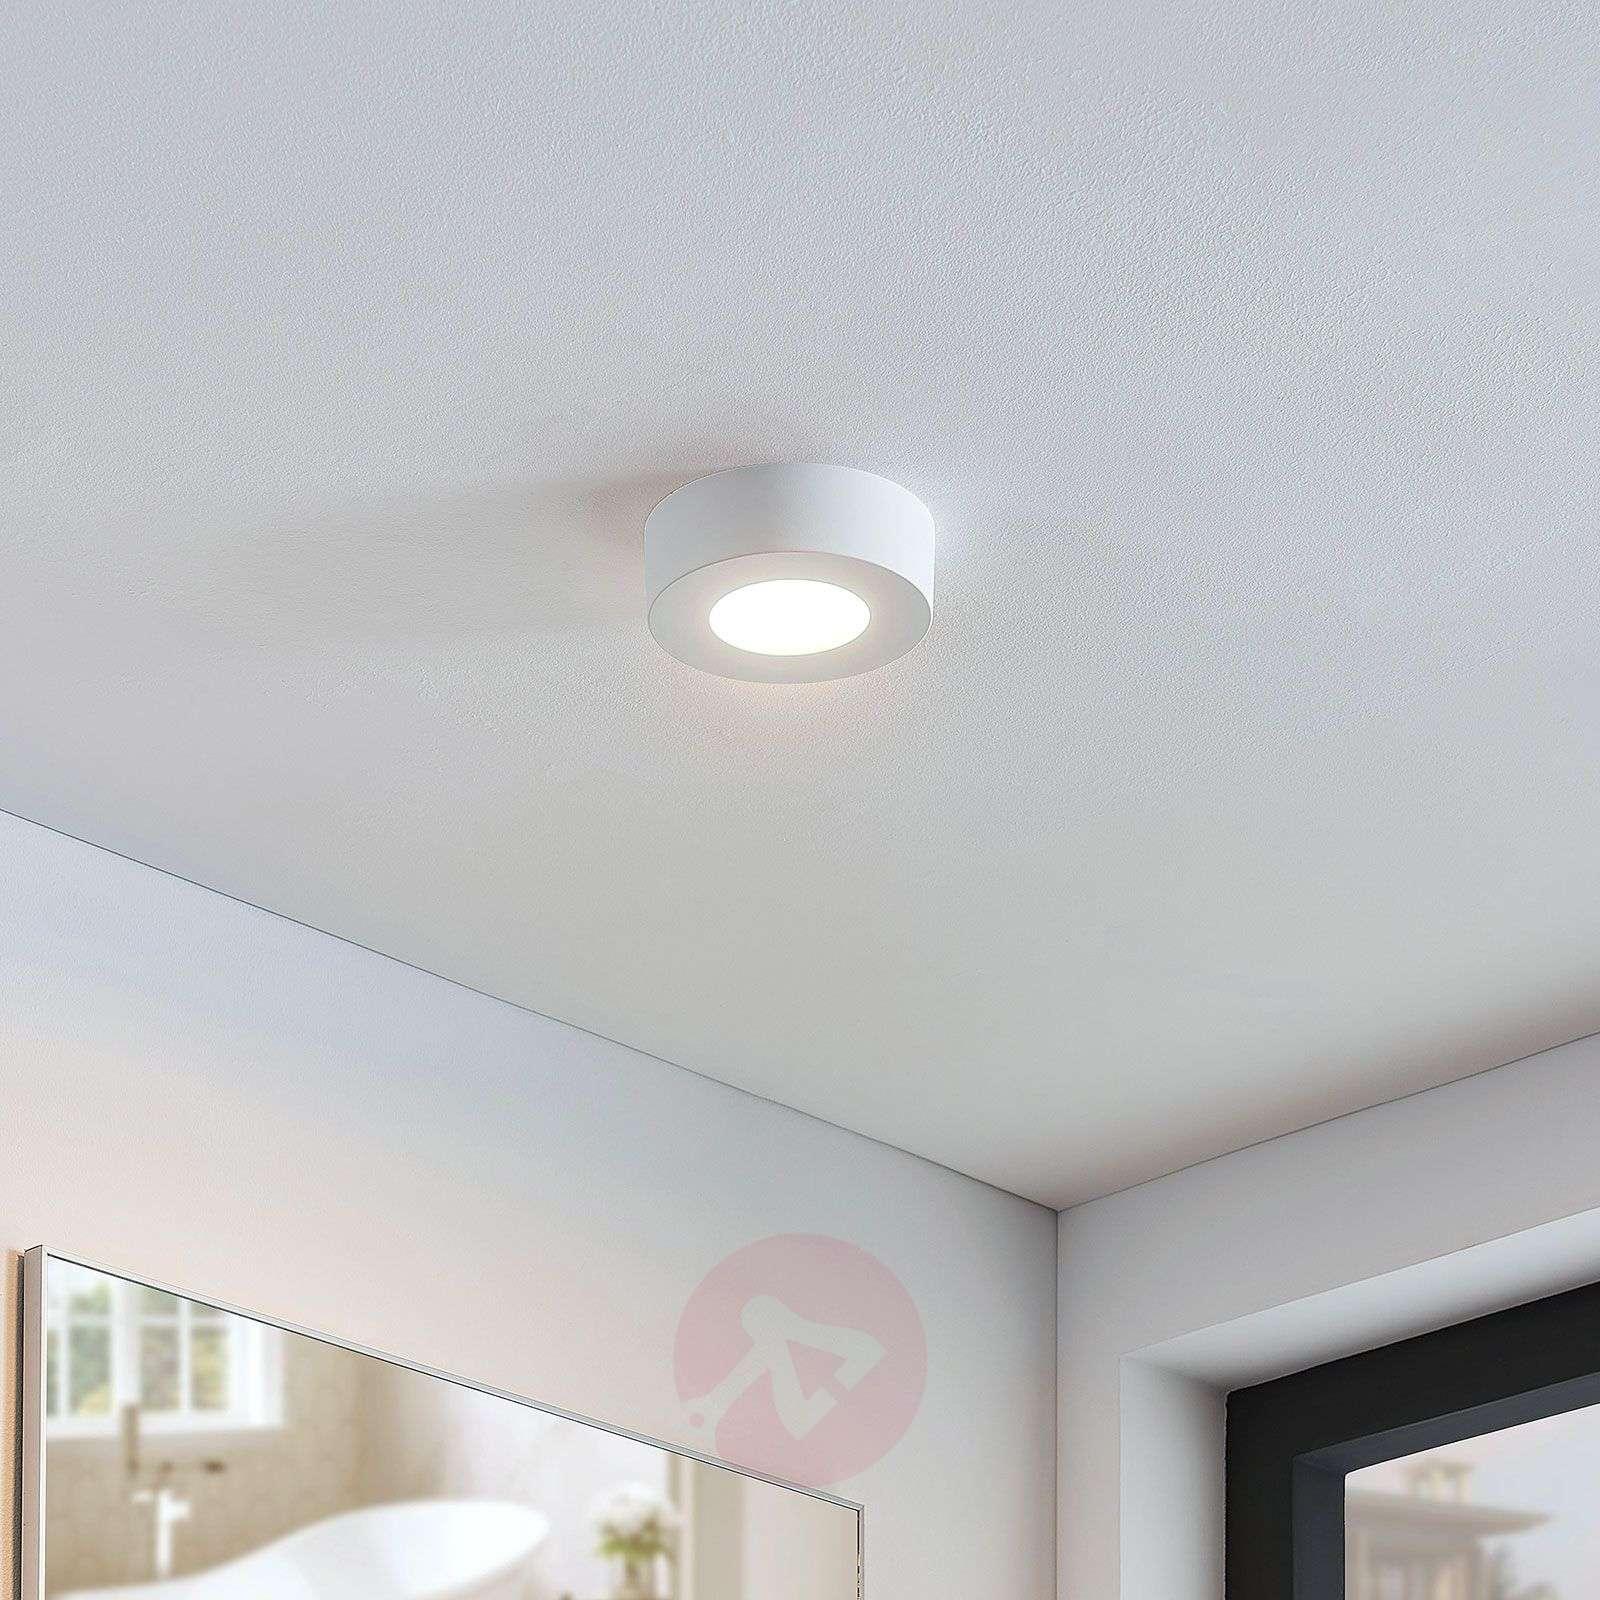 LED-kattovalaisin Marlo valk. 3000K pyöreä 12,8cm-9978090-02